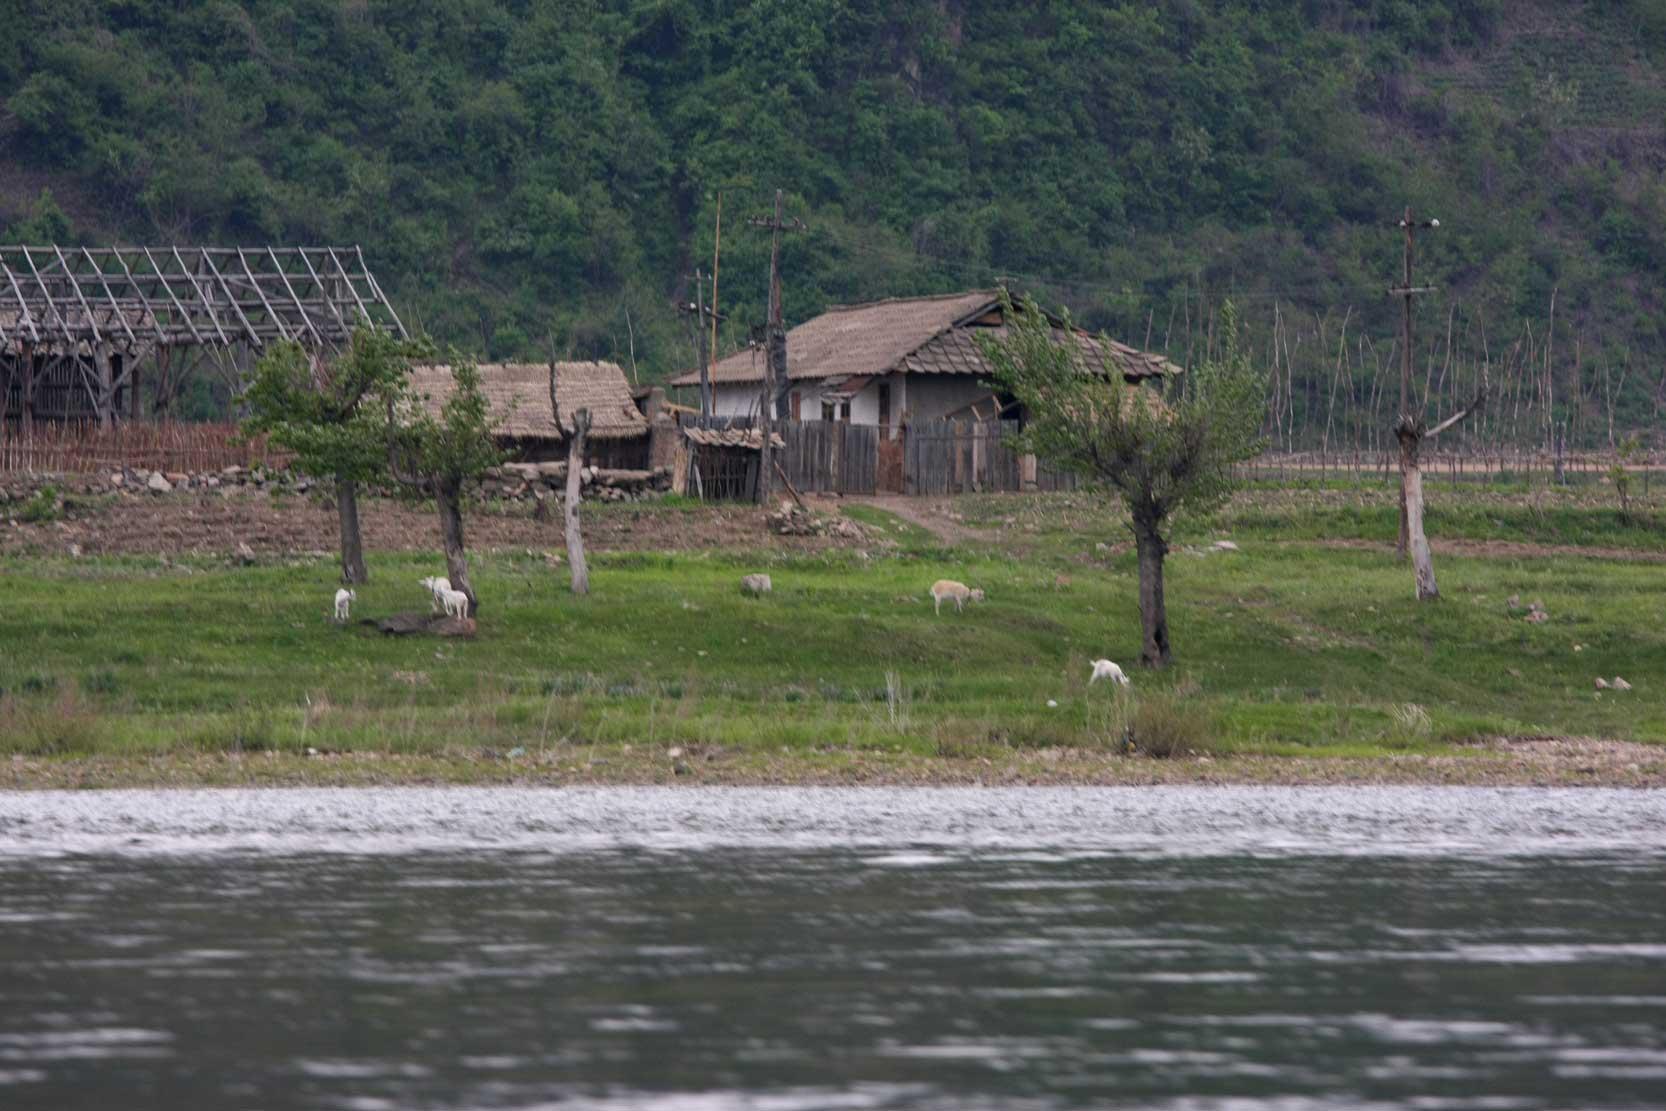 世界遺産のまち、集安~のどかな鴨緑江沿いの風景_b0235153_13271391.jpg